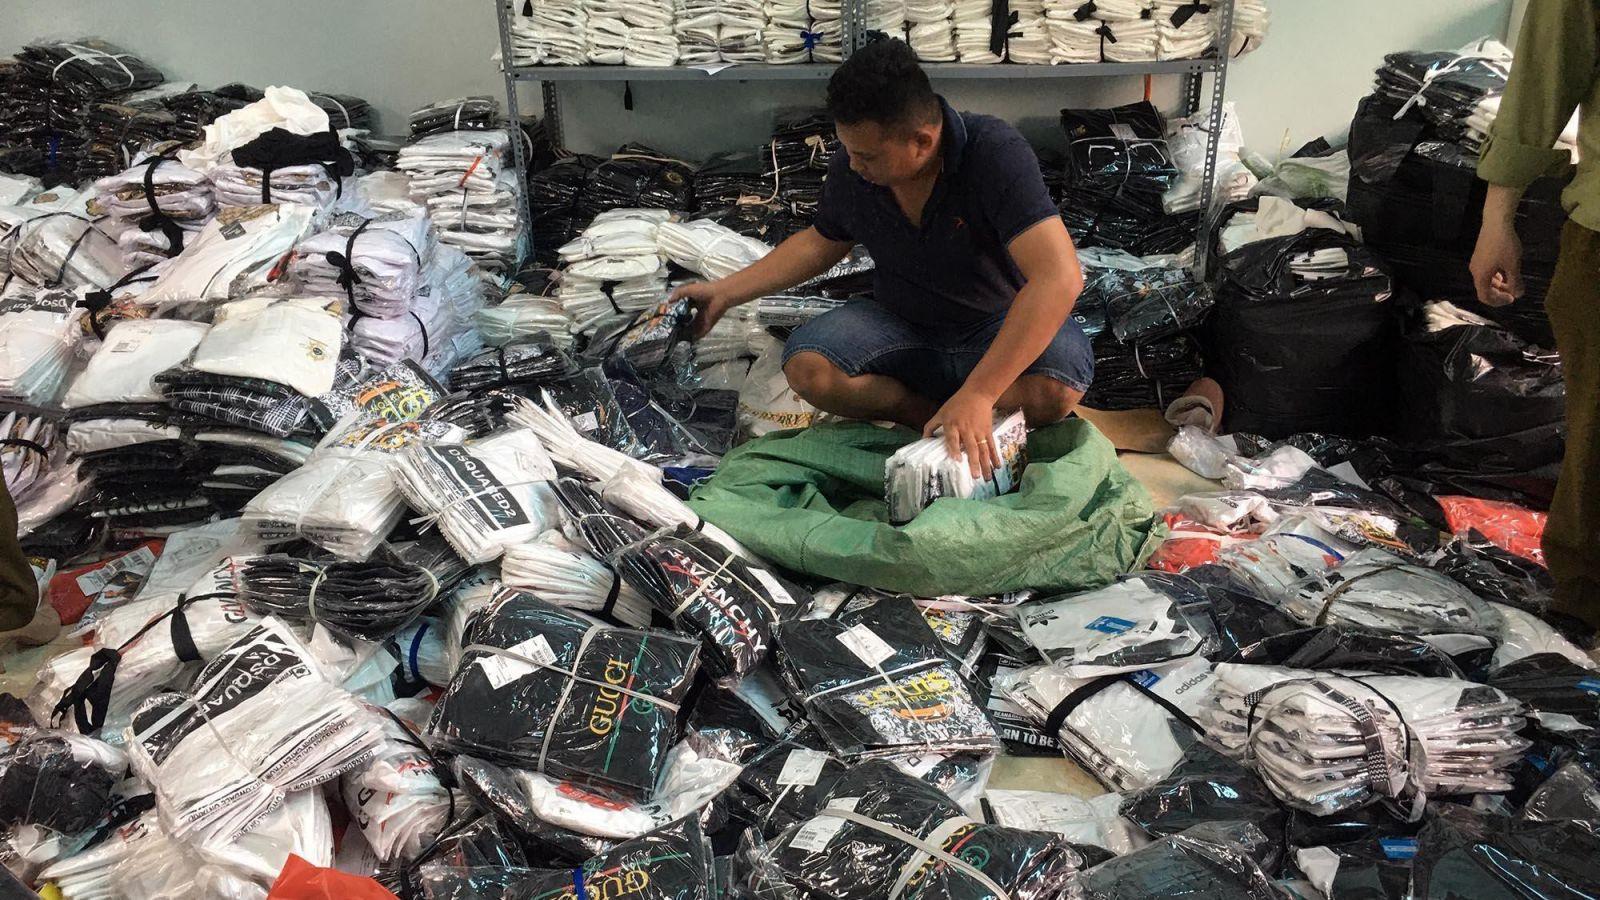 Hà Nội: Triệt phá kho hàng chứa hàng ngàn sản phẩm giả các nhãn hiệu LV, Gucci, Nike